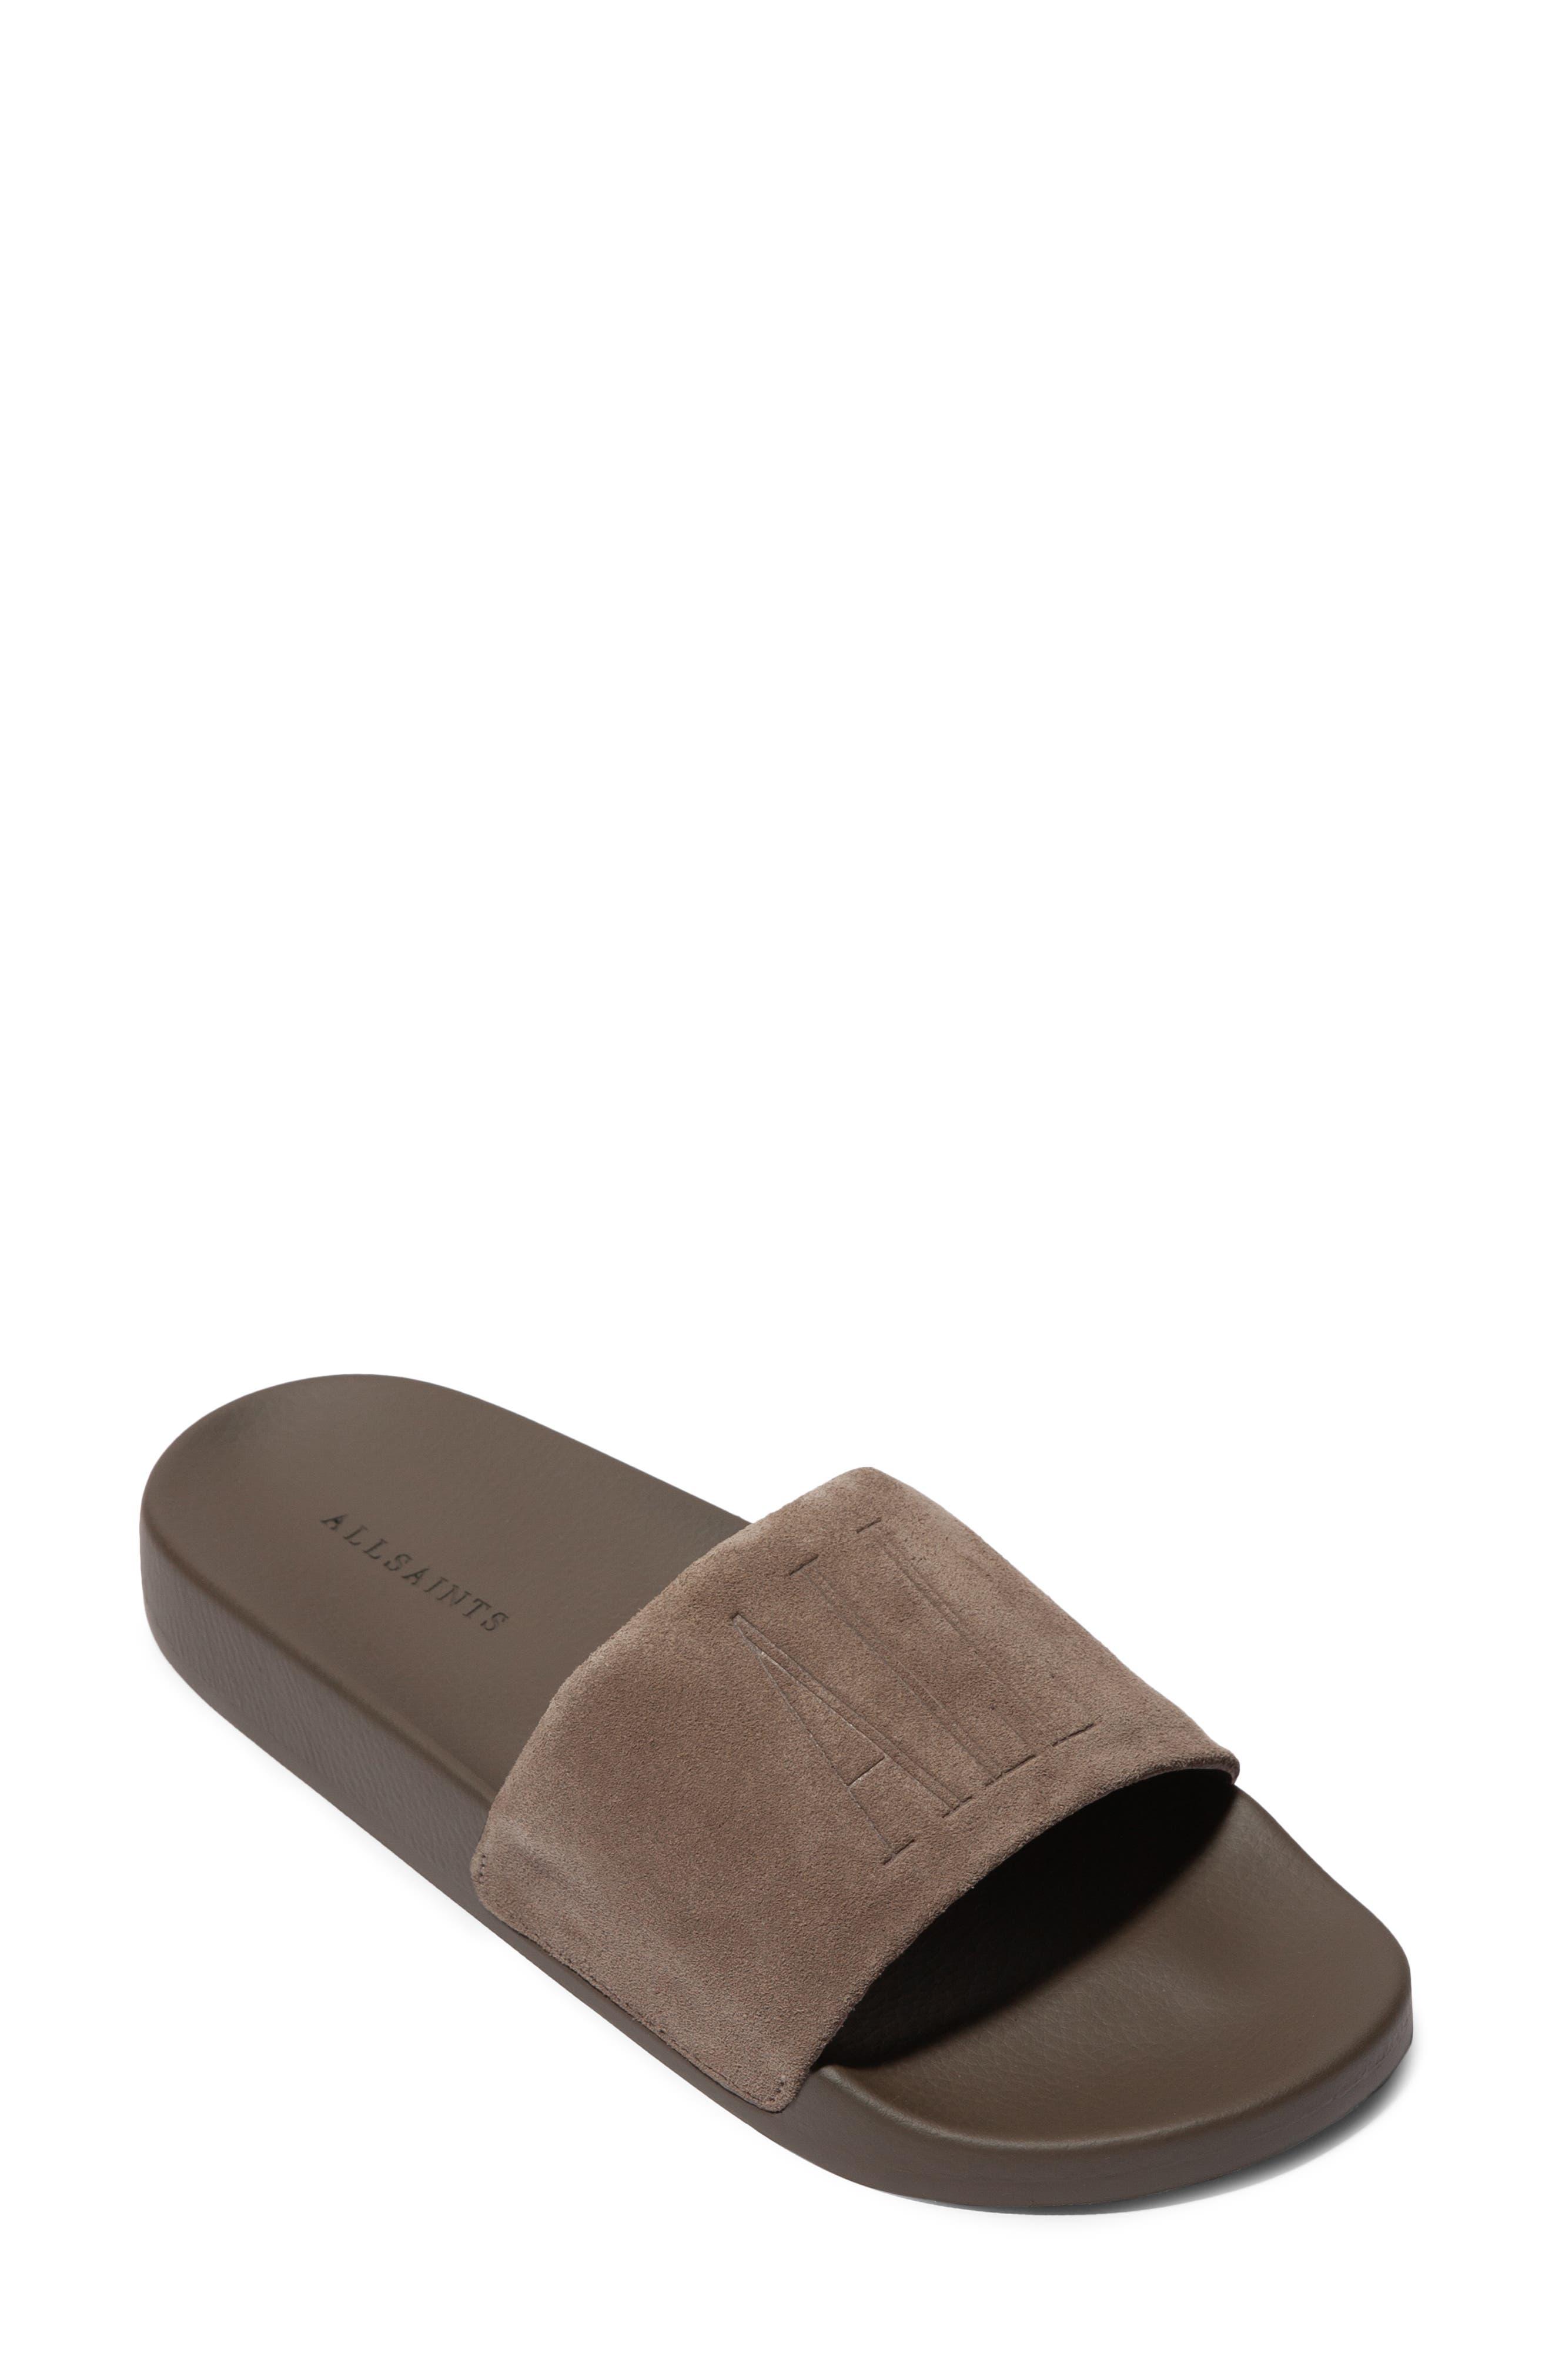 Sandals, Slides \u0026 Flip-Flops   Nordstrom